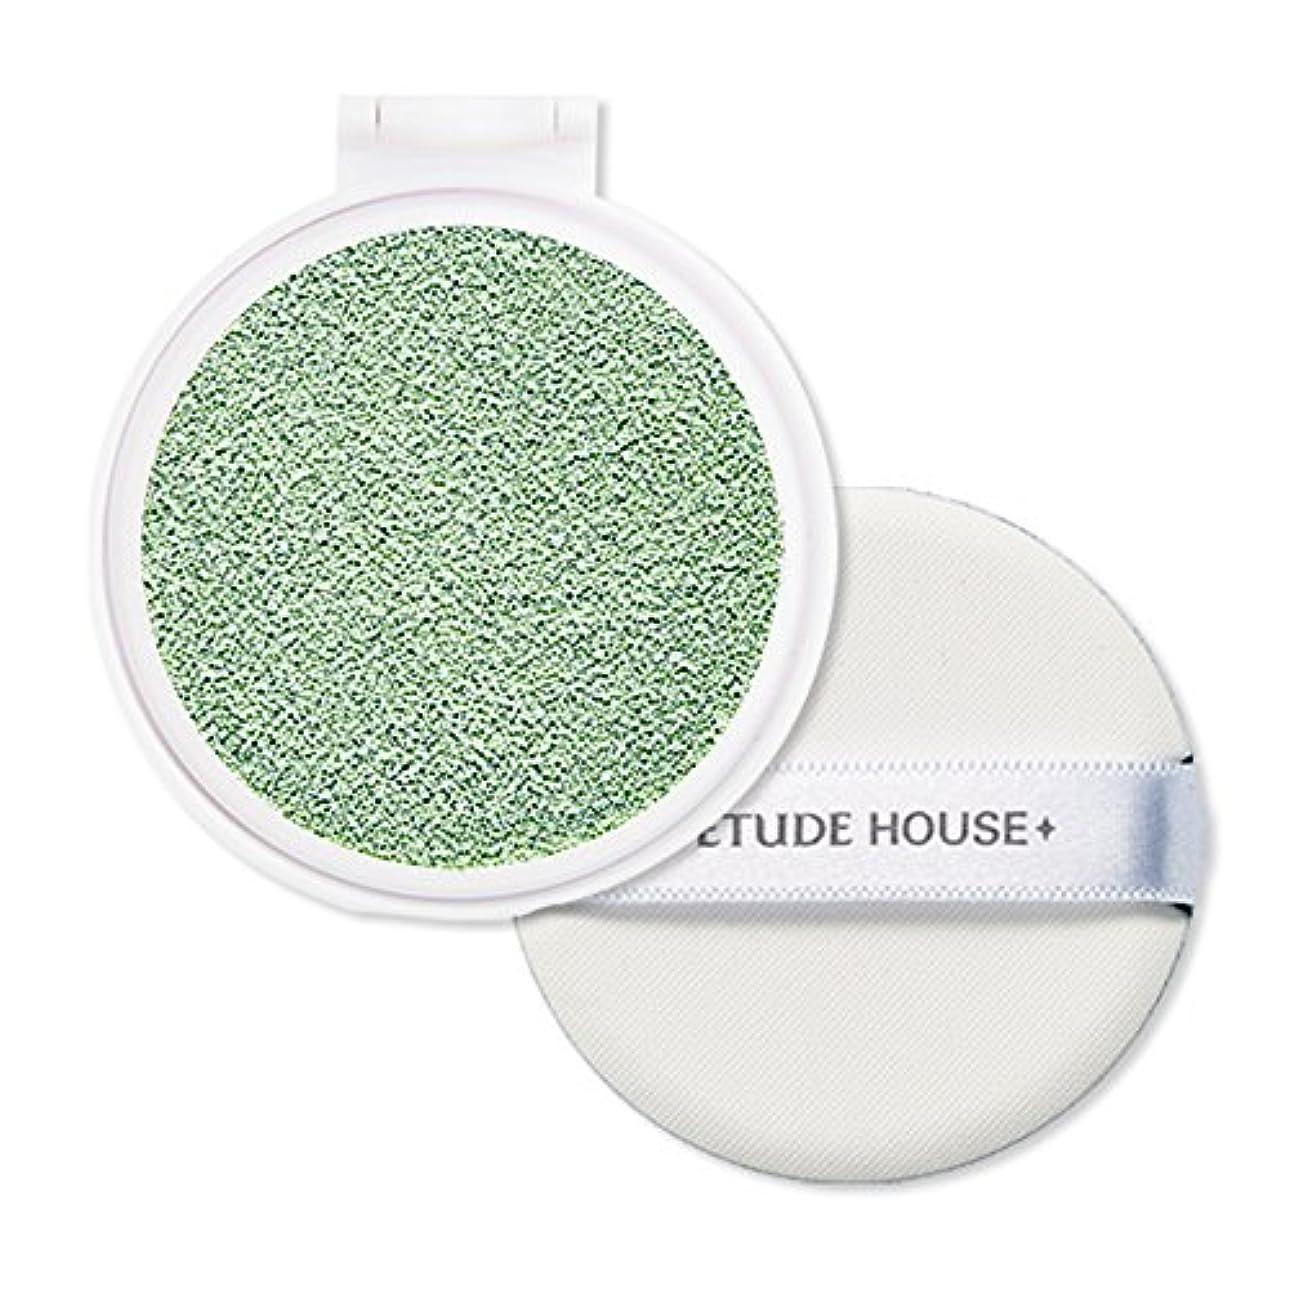 非互換と組む雪だるまエチュードハウス(ETUDE HOUSE) エニークッション カラーコレクター レフィル Mint